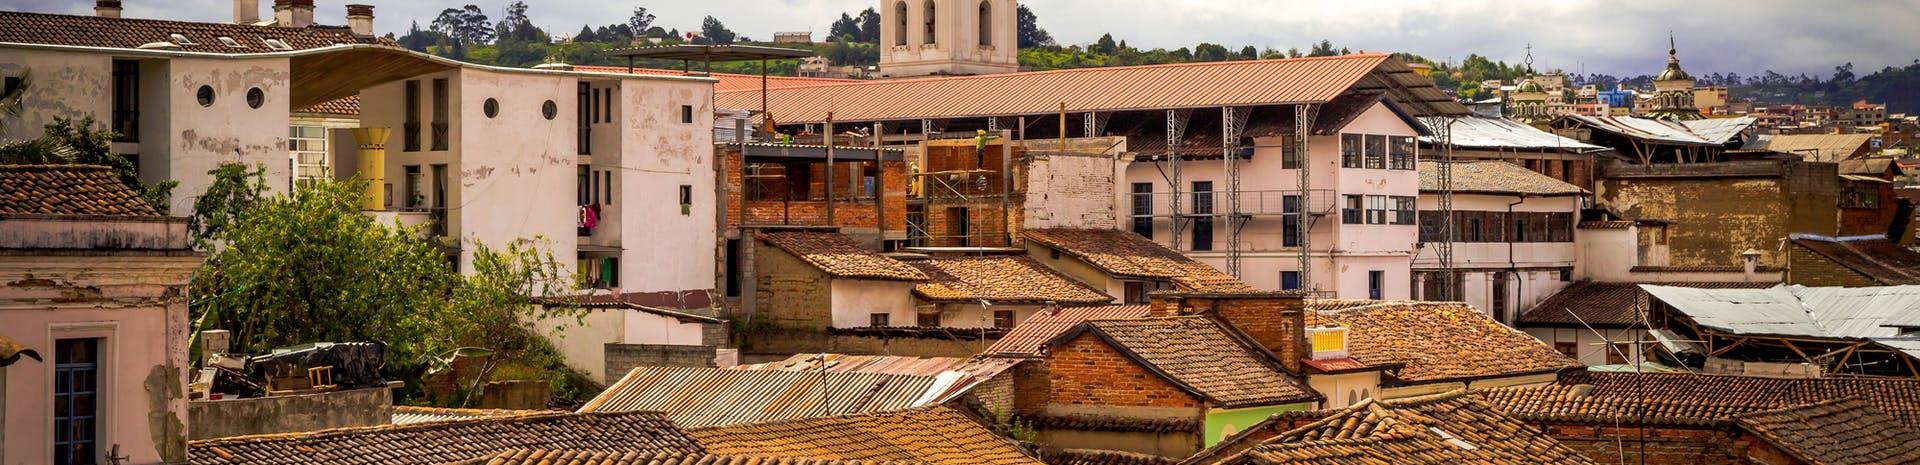 Picture of Santo Domingo